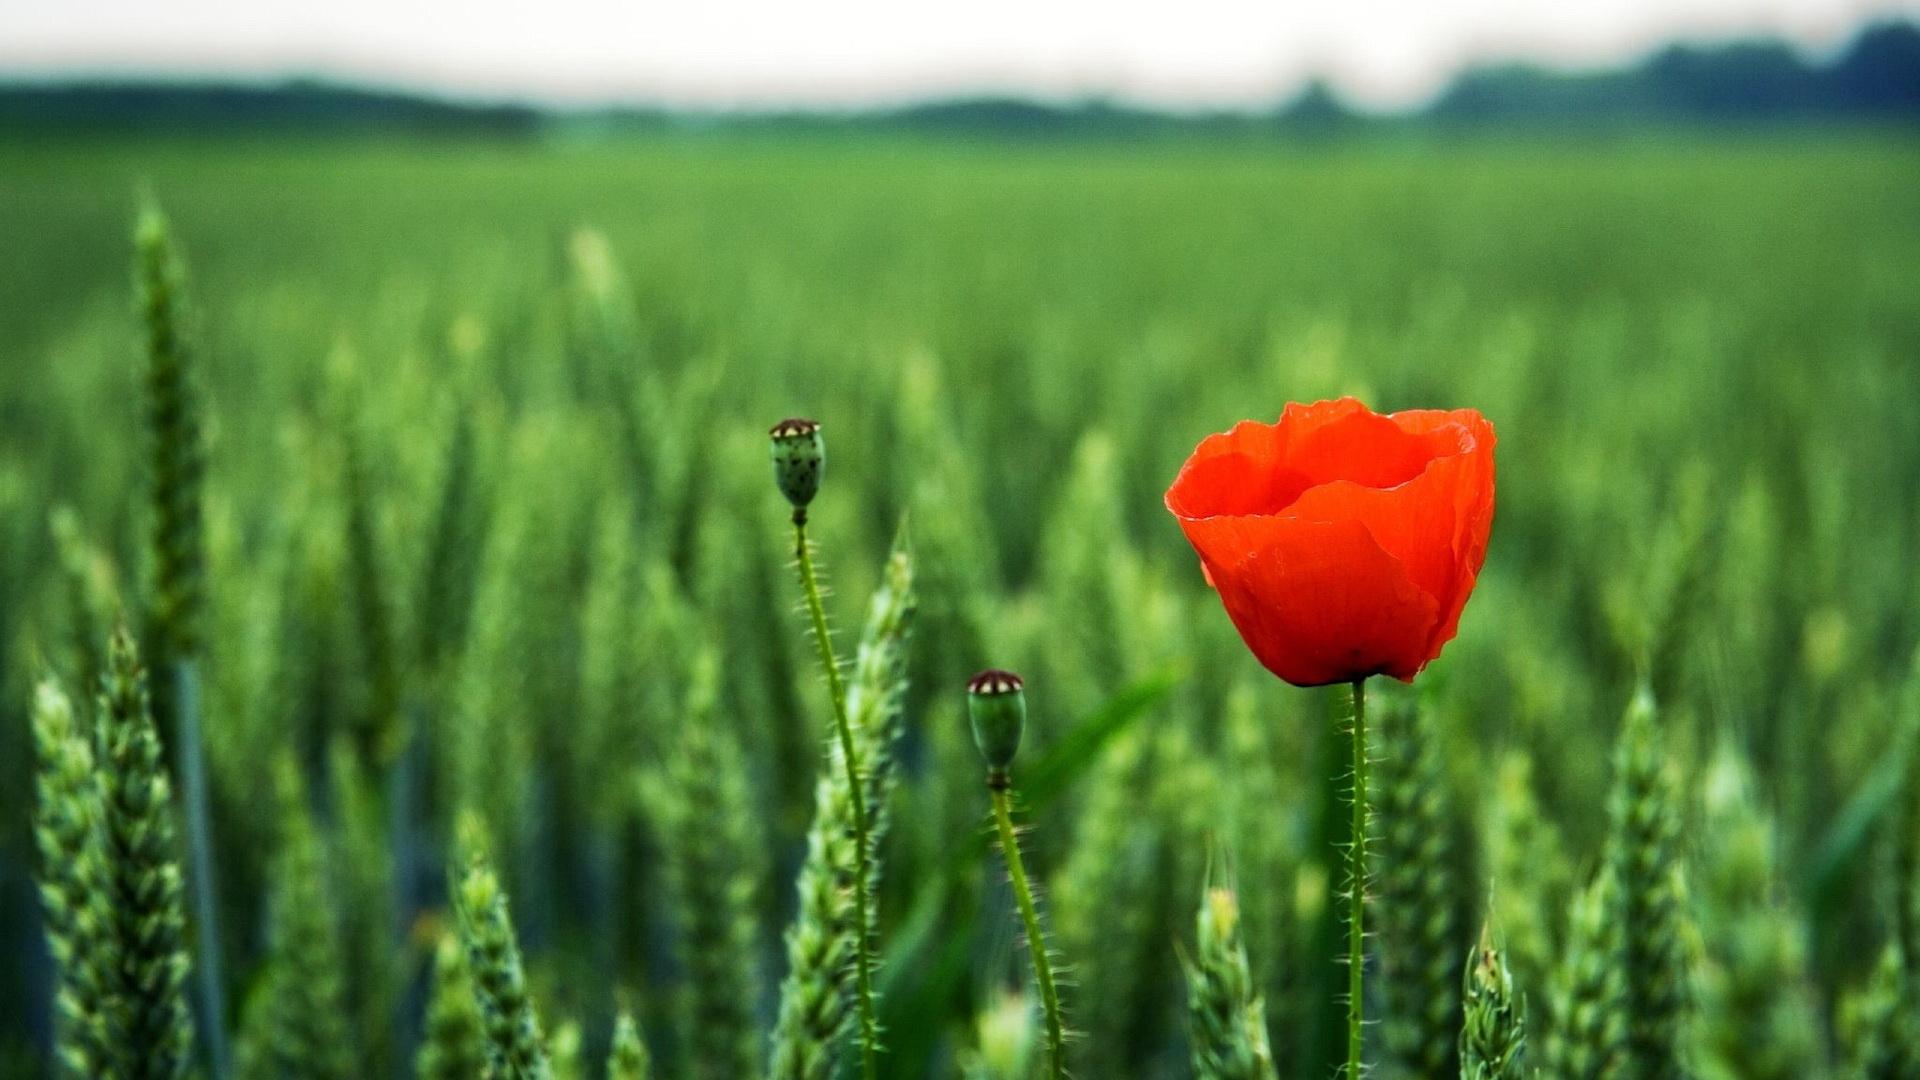 25376 скачать обои Растения, Цветы, Маки - заставки и картинки бесплатно